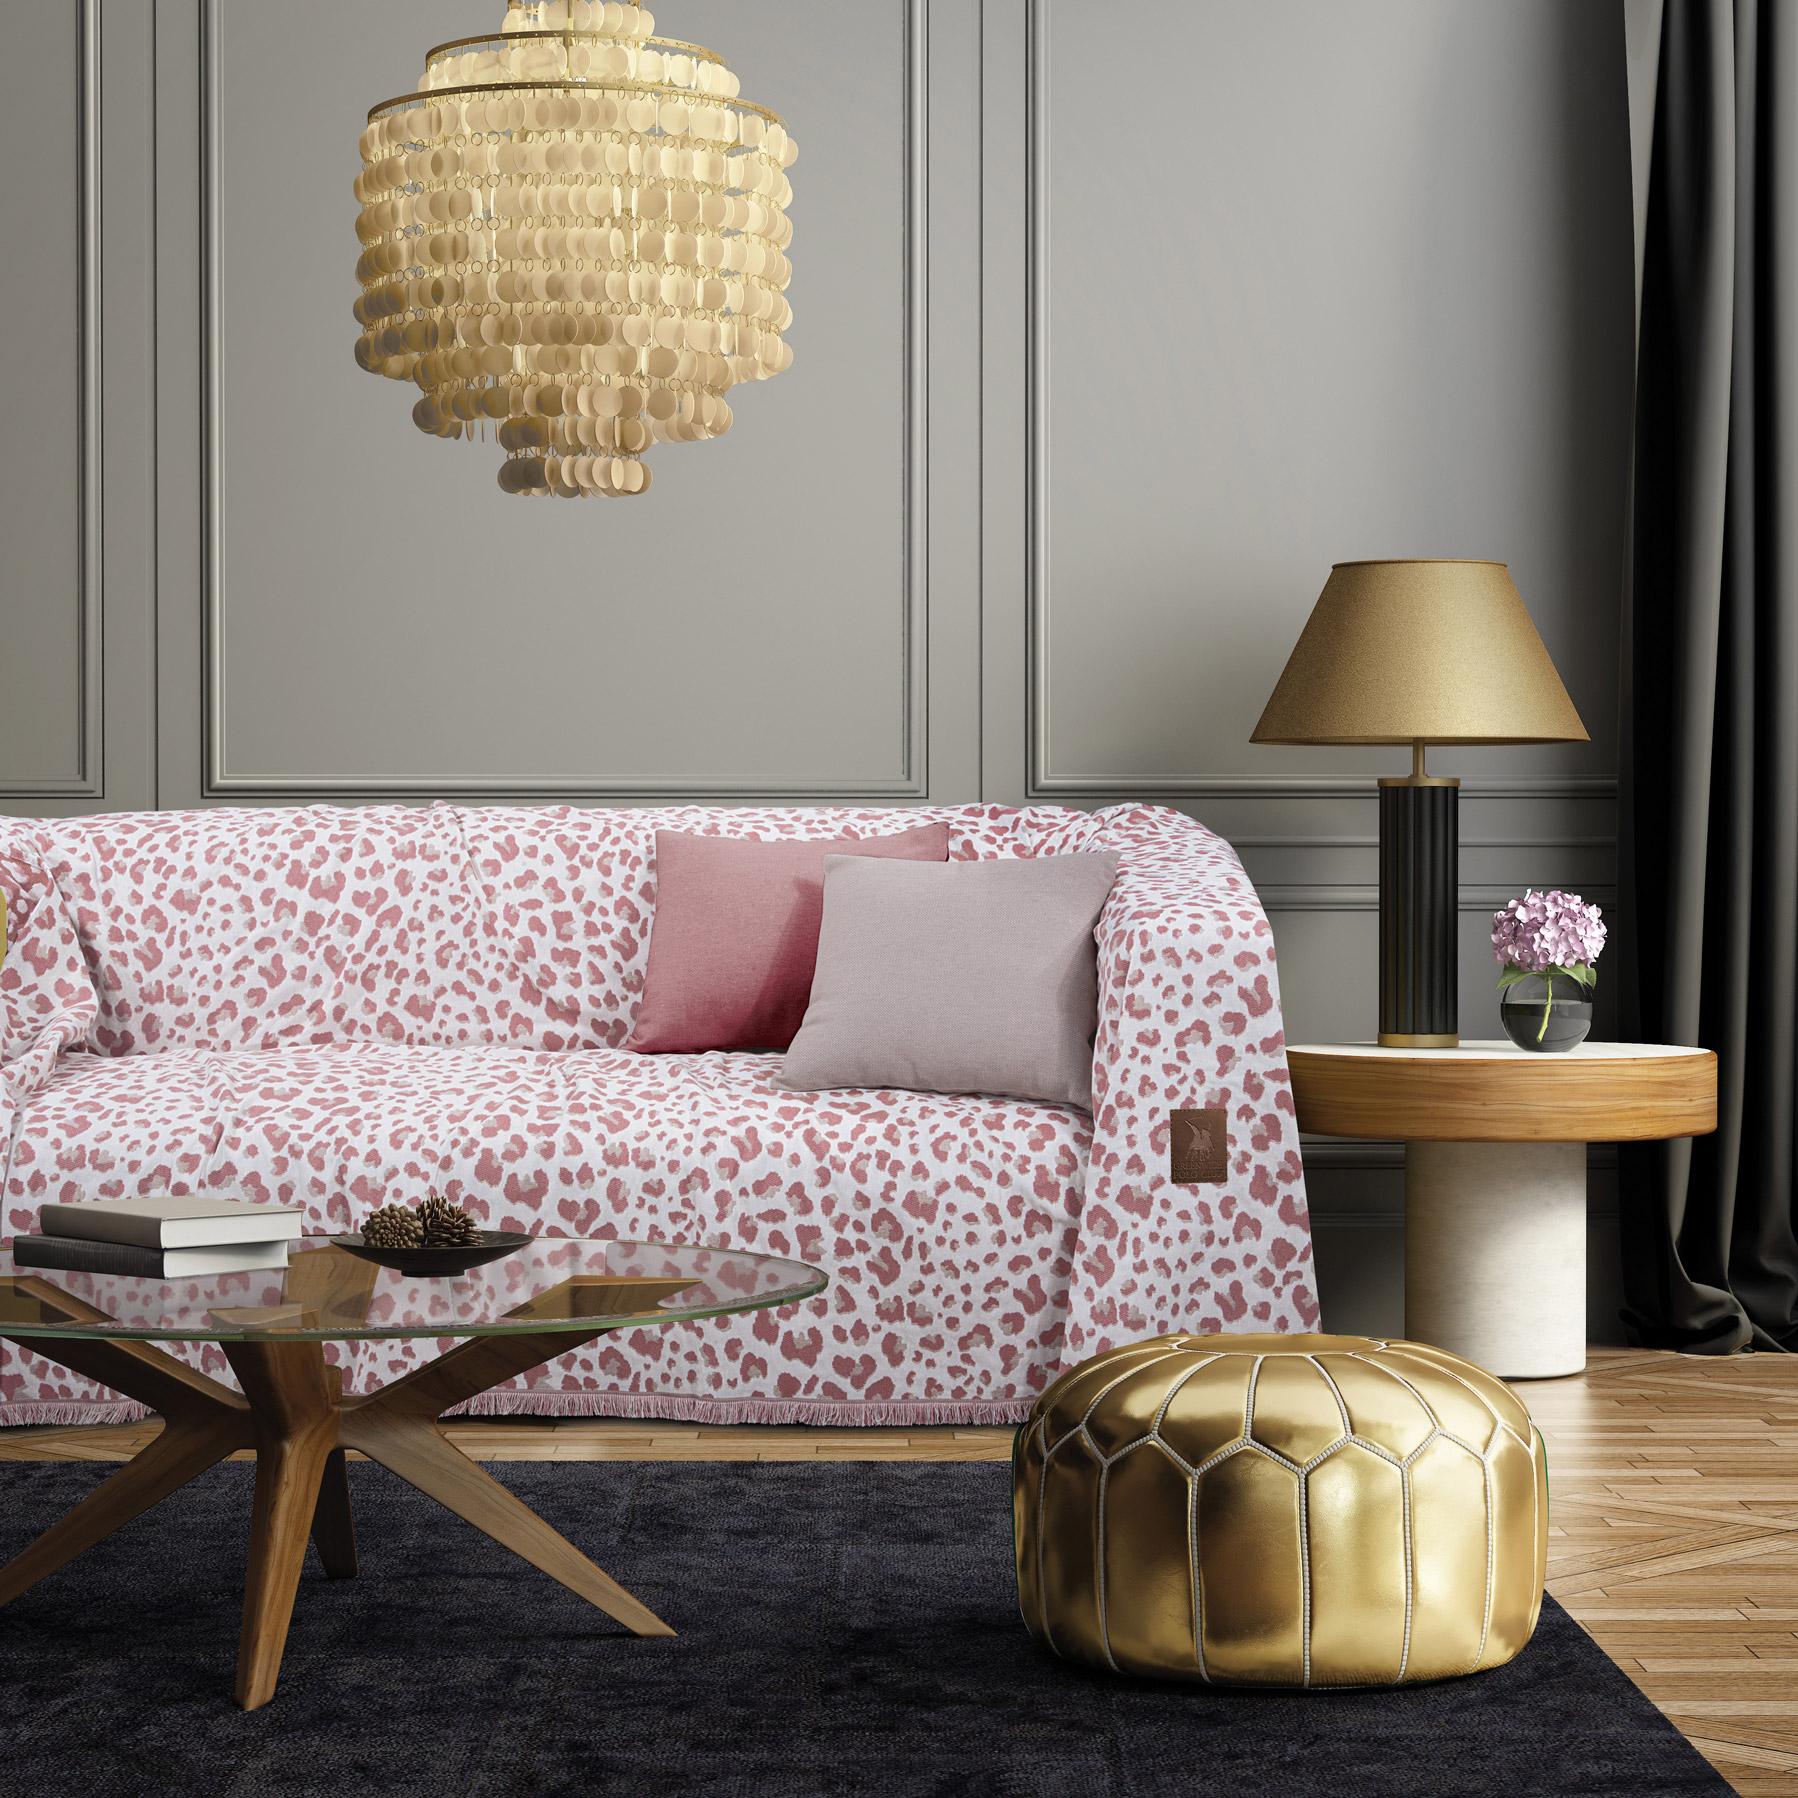 Ριχτάρι Τριθέσιου 180X300 Greenwich Polo Club Essential 2745 Ροζ